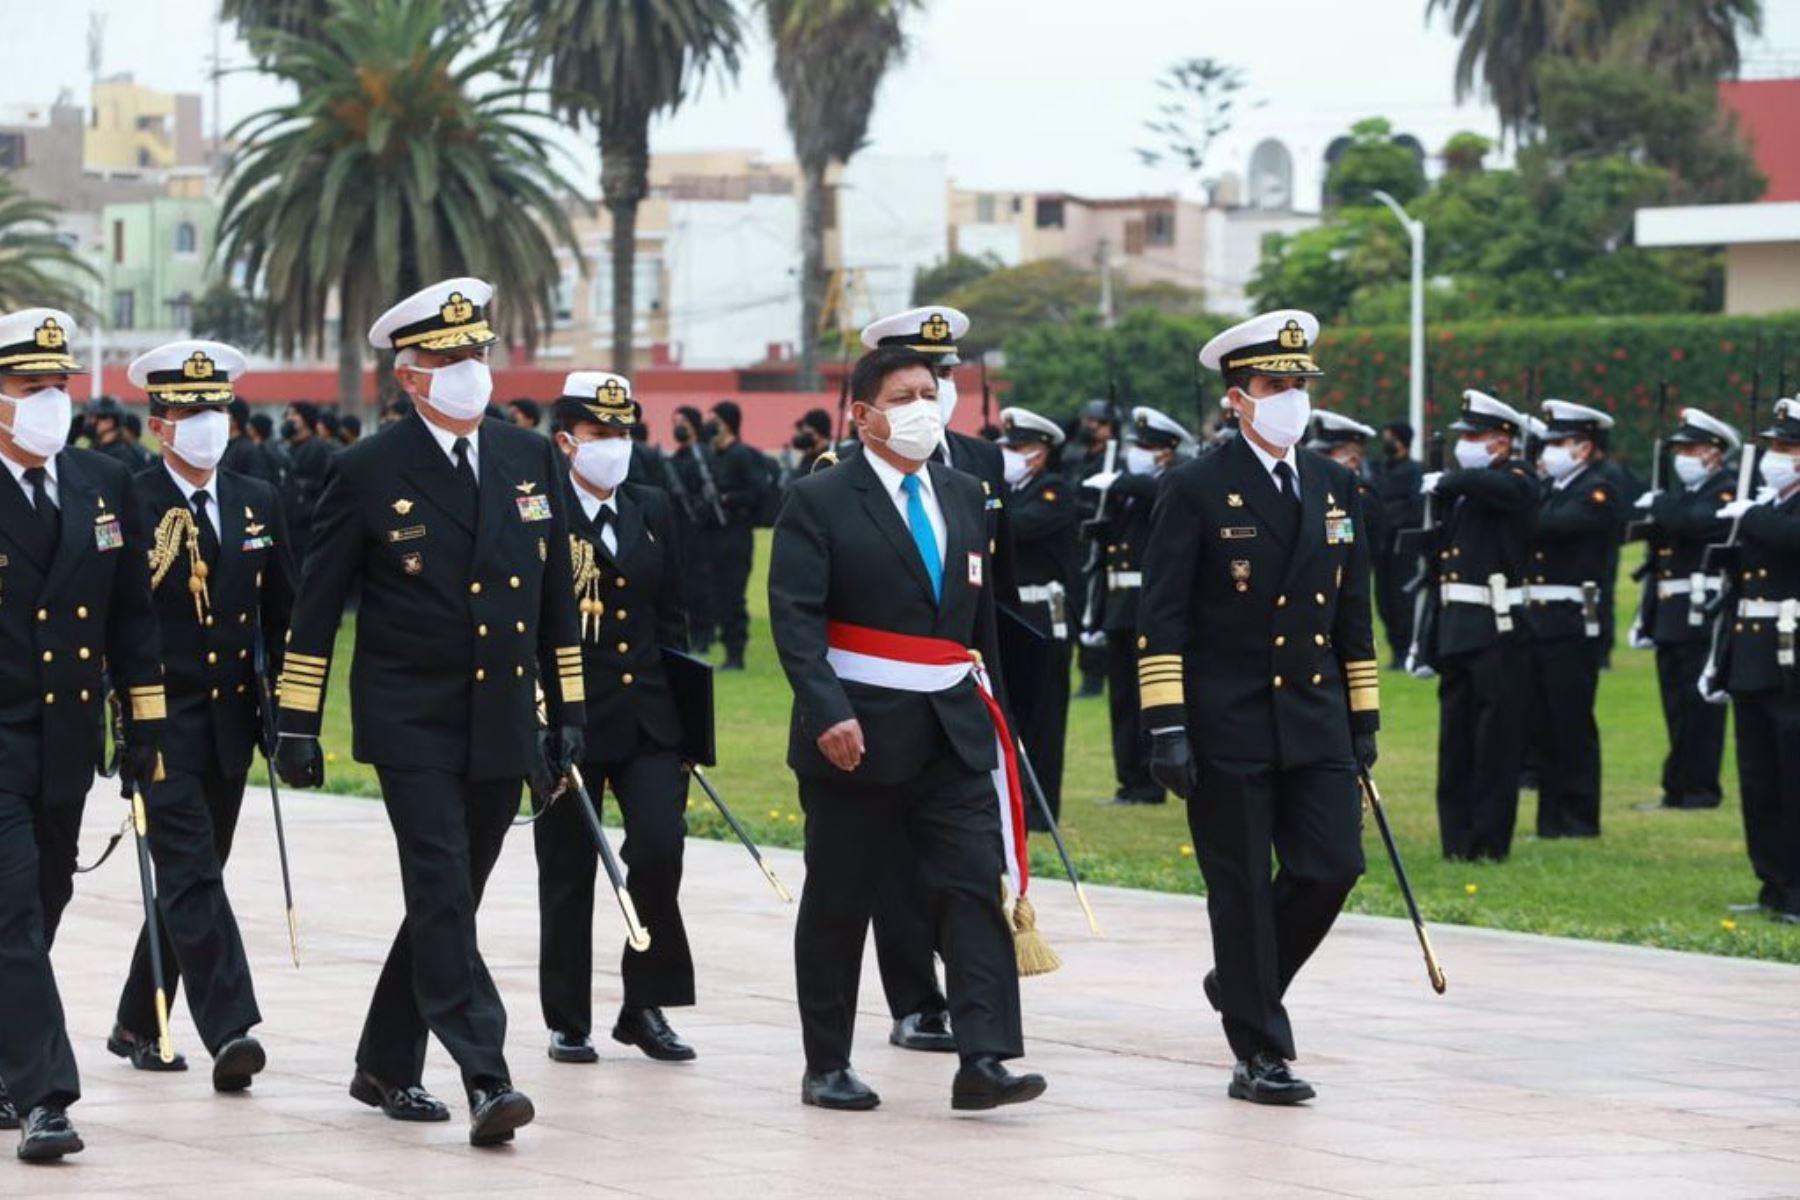 Almirante Alberto Alcalá Luna es reconocido como nuevo Comandante General de la Marina de Guerra del Perú. Desde la Escuela Naval del Perú, el ministro Walter Ayala presidió la Ceremonia de Asunción de Mando y Pase al Retiro del Comandante General Saliente y señores Vicealmirantes. Foto : Mindef